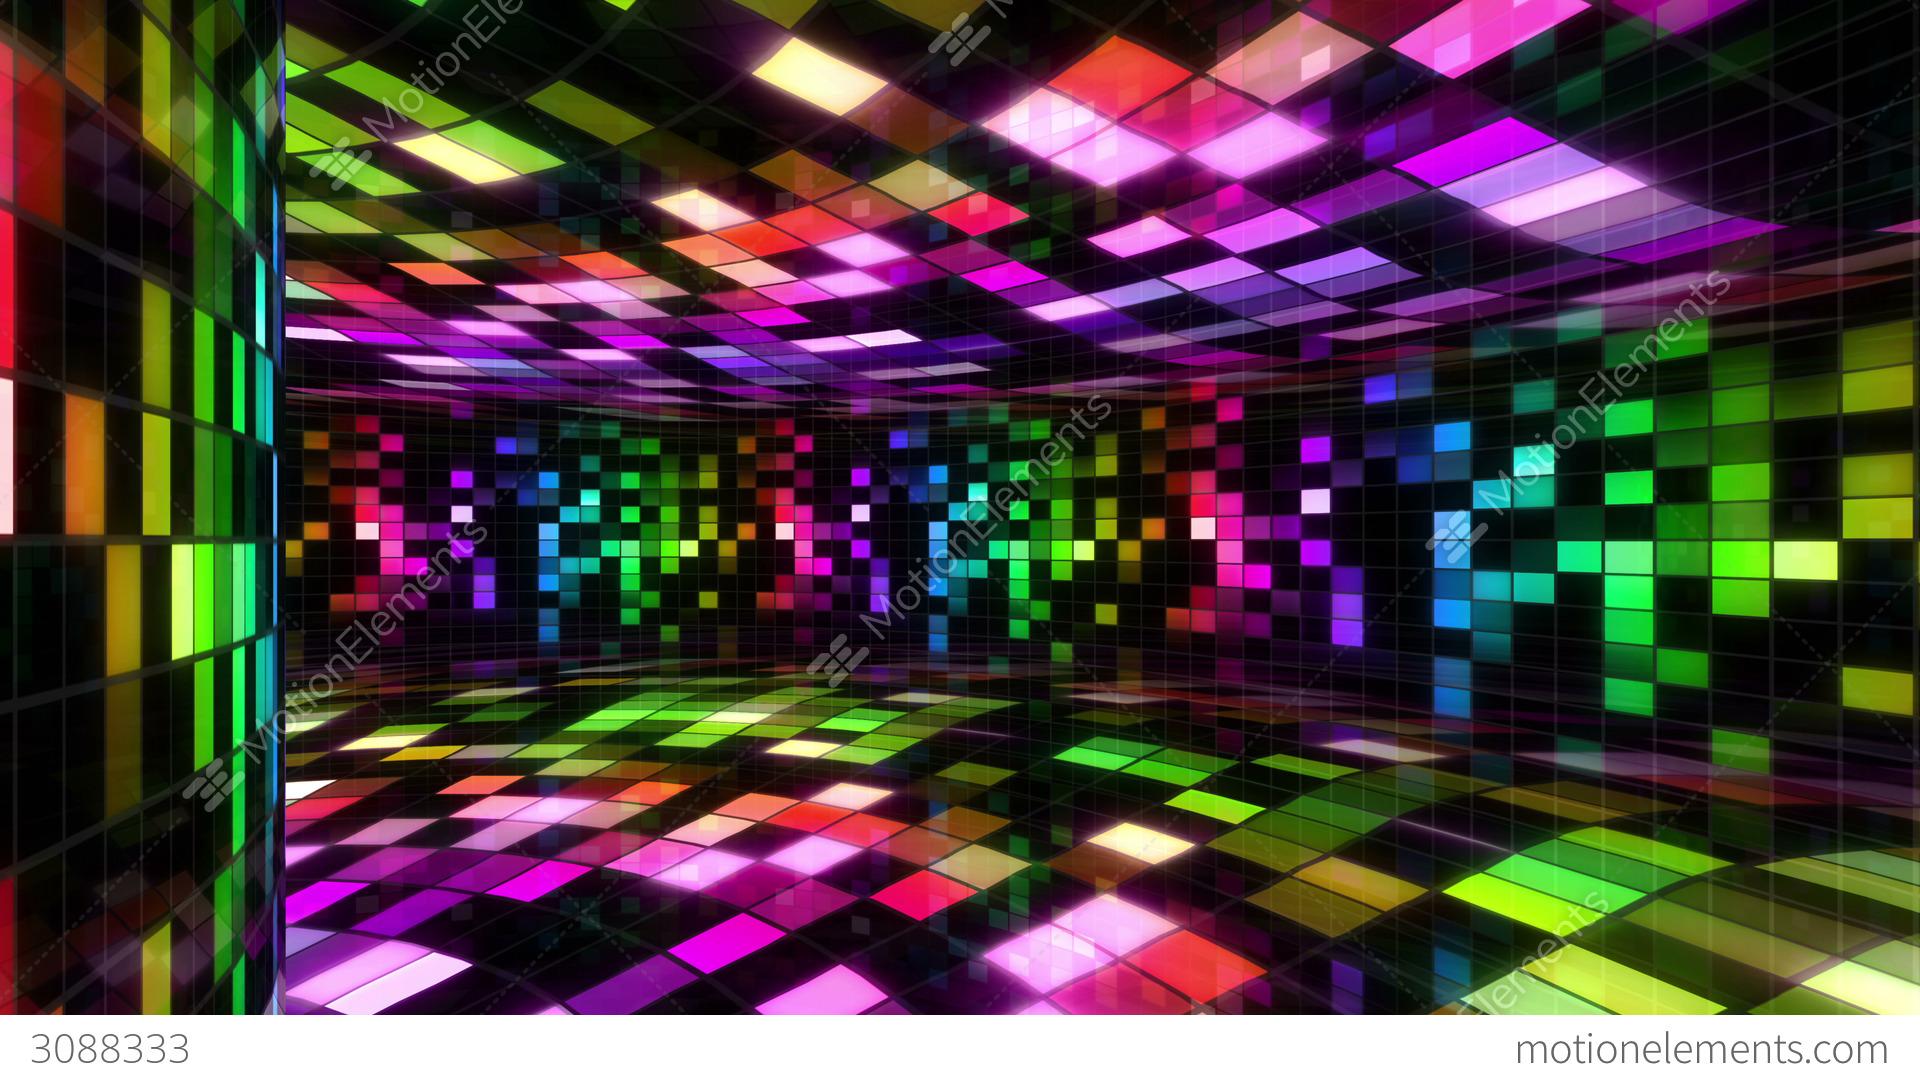 Disco dance floor wall c 01 4k stock animation 3088333 for 1 2 3 4 get on d dance floor